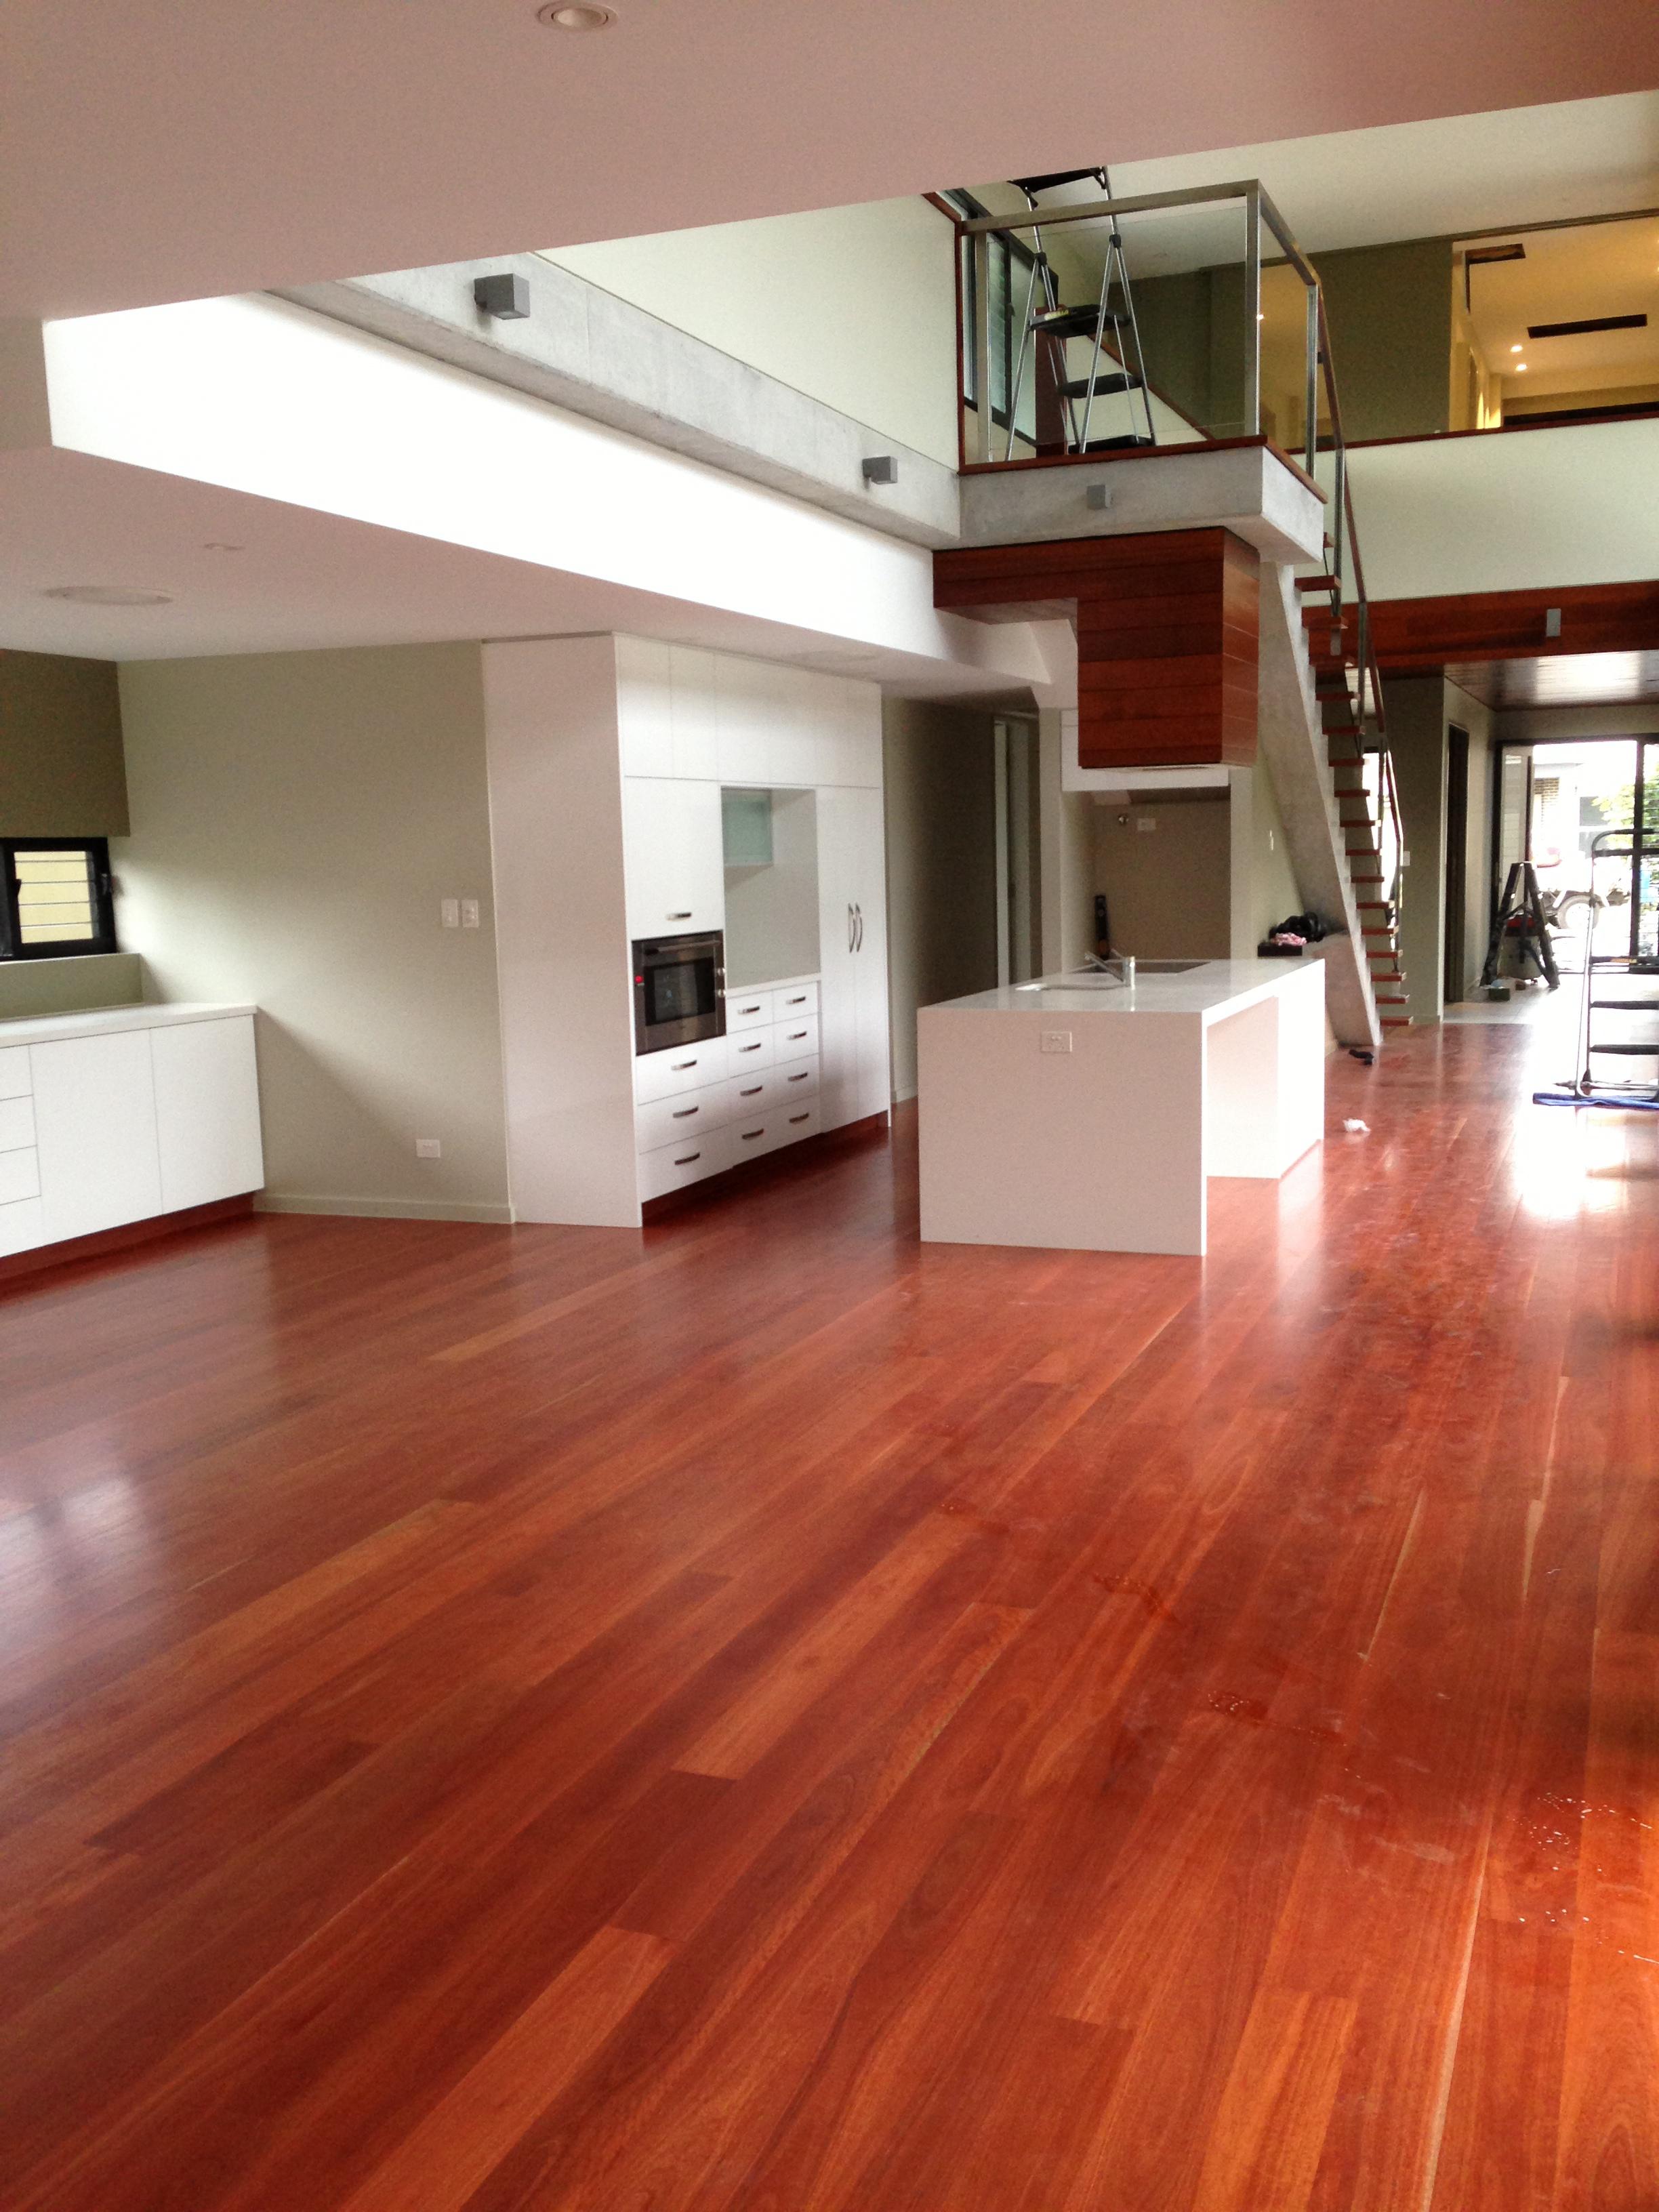 Centre Kitchen 6.jpg